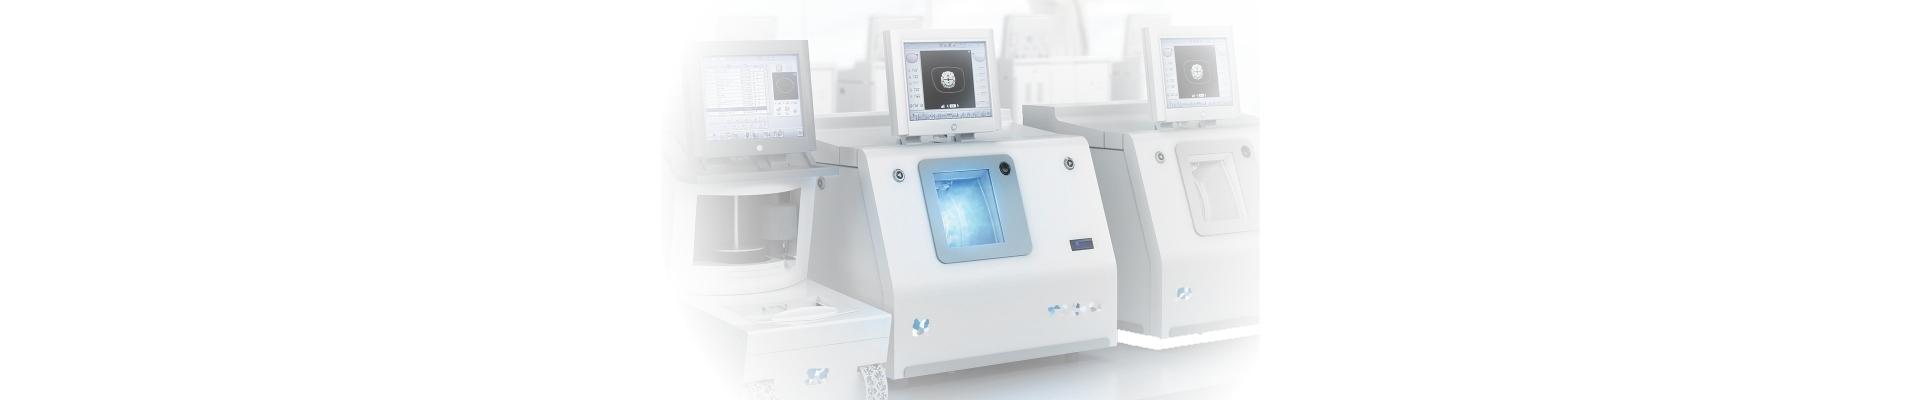 Optical workshop machinery